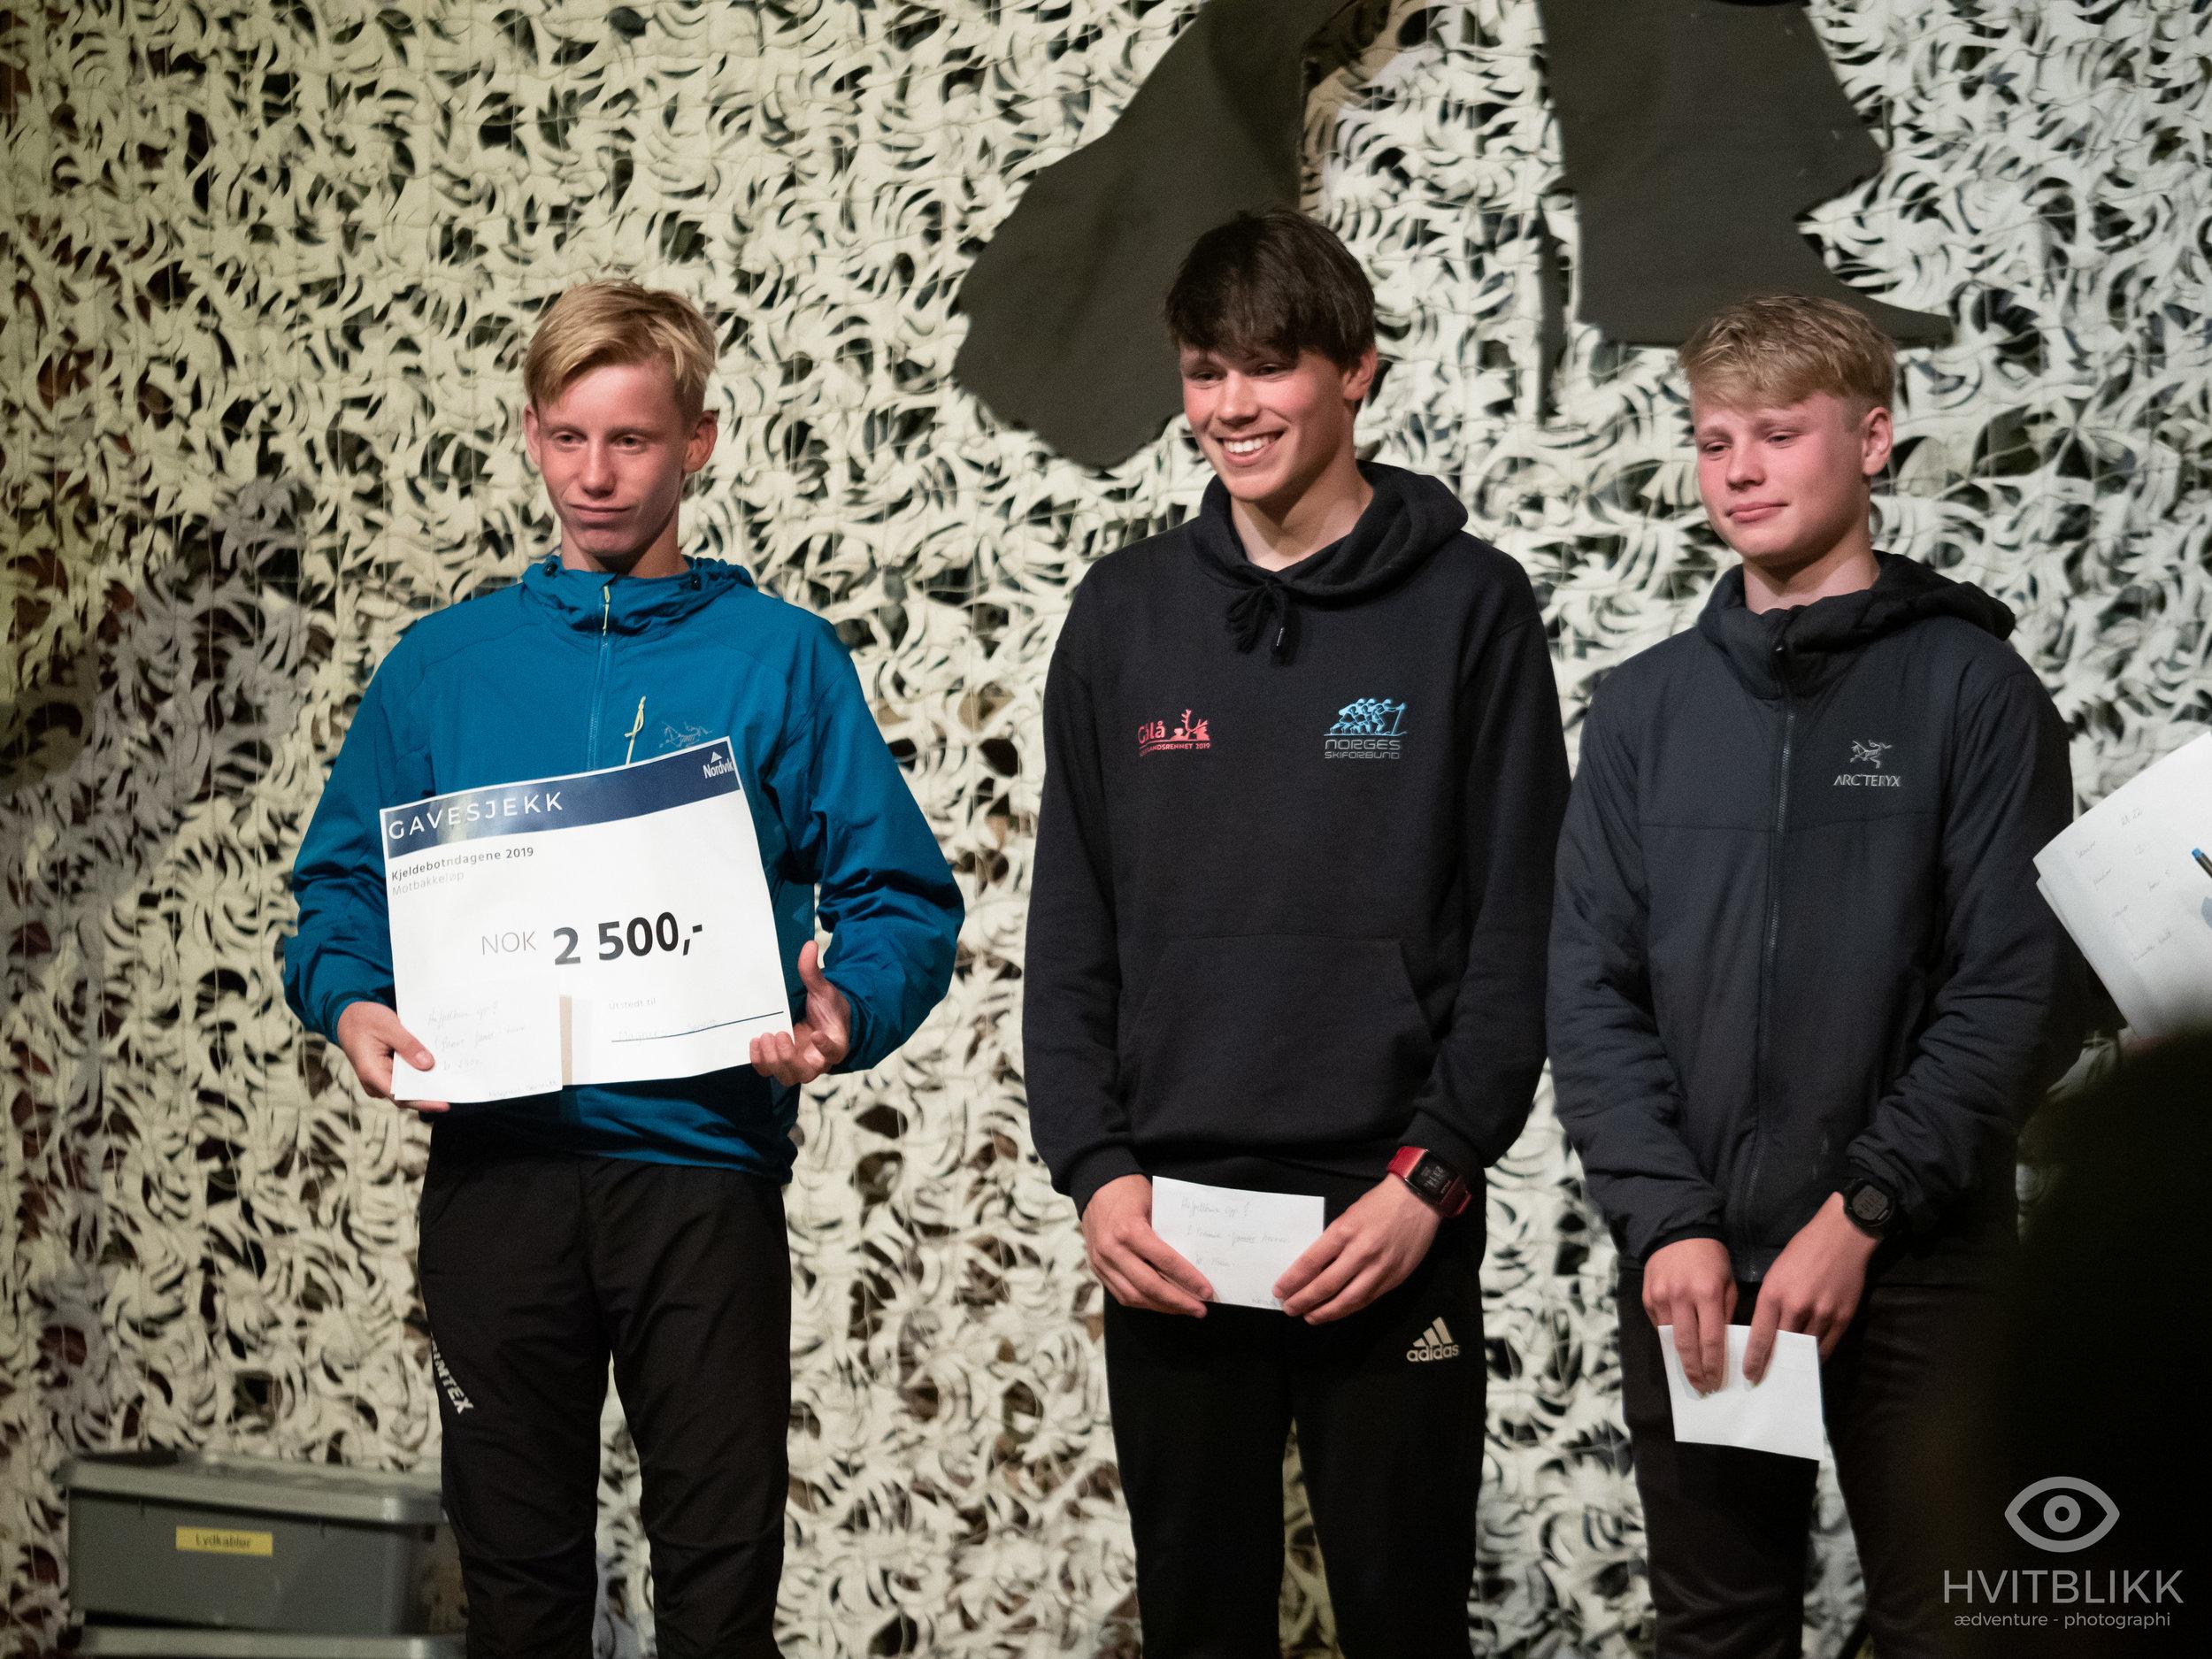 Ellingjord-Hvitblikk_20190621NOR3732.jpg